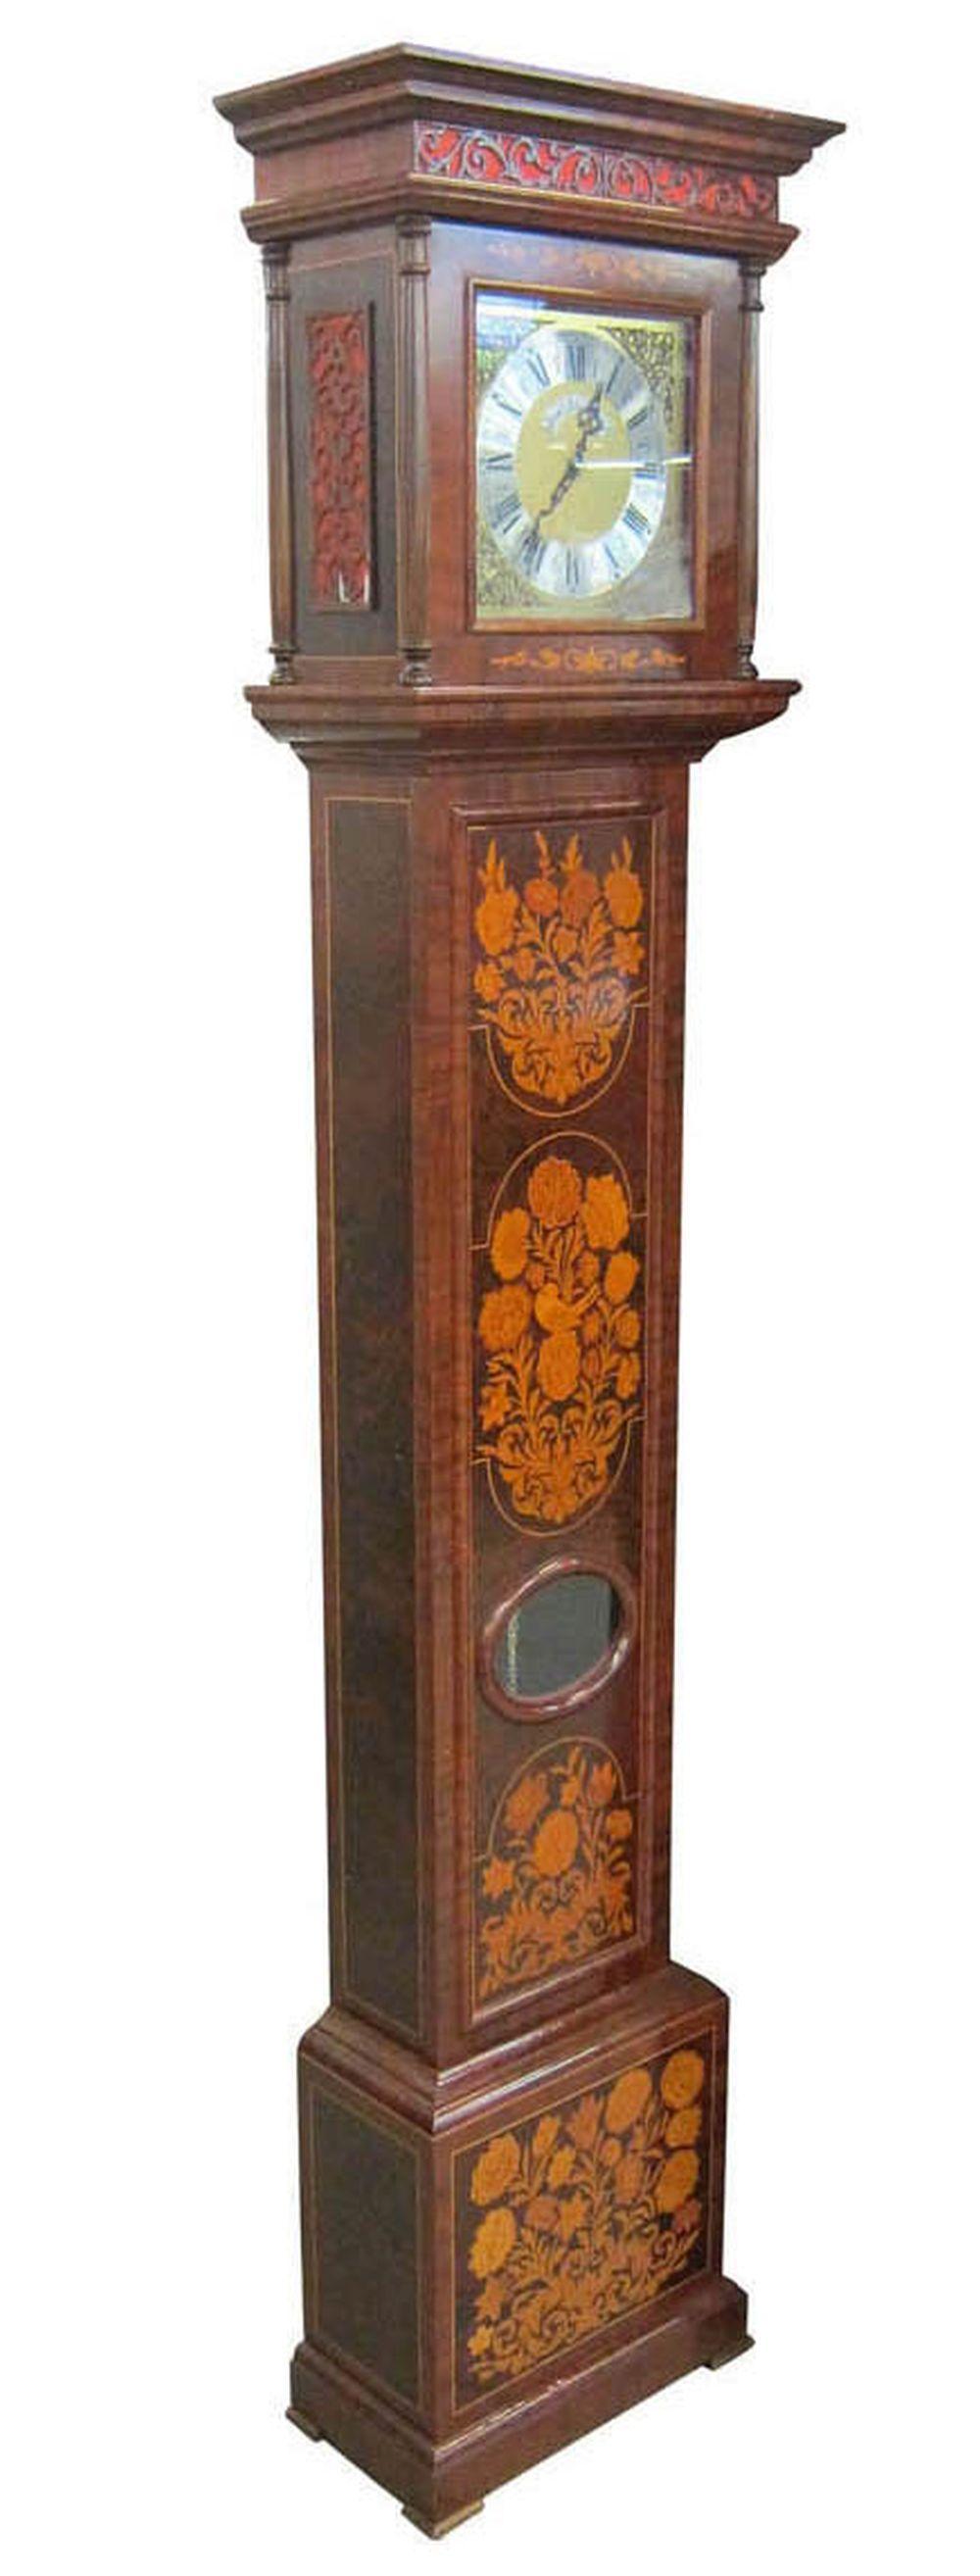 Antique Dutch grandfather clock